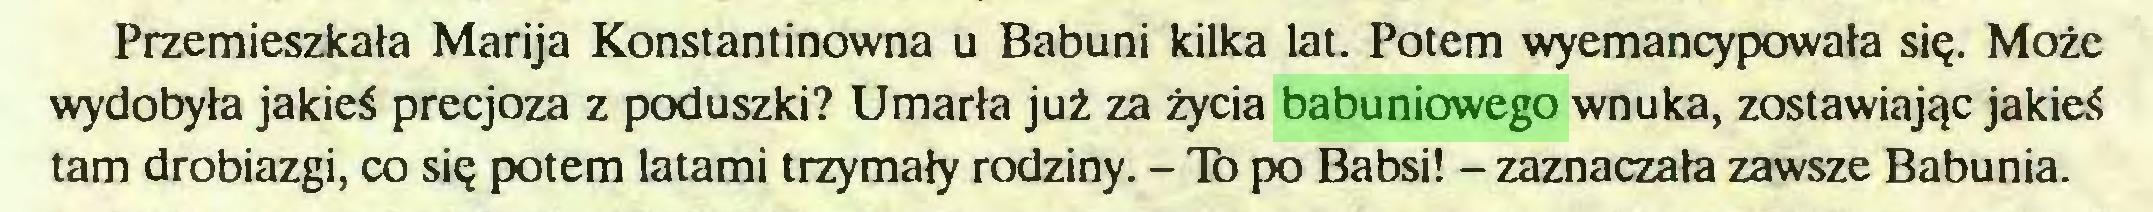 (...) Przemieszkała Marija Konstantinowna u Babuni kilka lat. Potem wyemancypowała się. Może wydobyła jakieś precjoza z poduszki? Umarła już za życia babuniowego wnuka, zostawiając jakieś tam drobiazgi, co się potem latami trzymały rodziny. - To po Babsi! - zaznaczała zawsze Babunia...